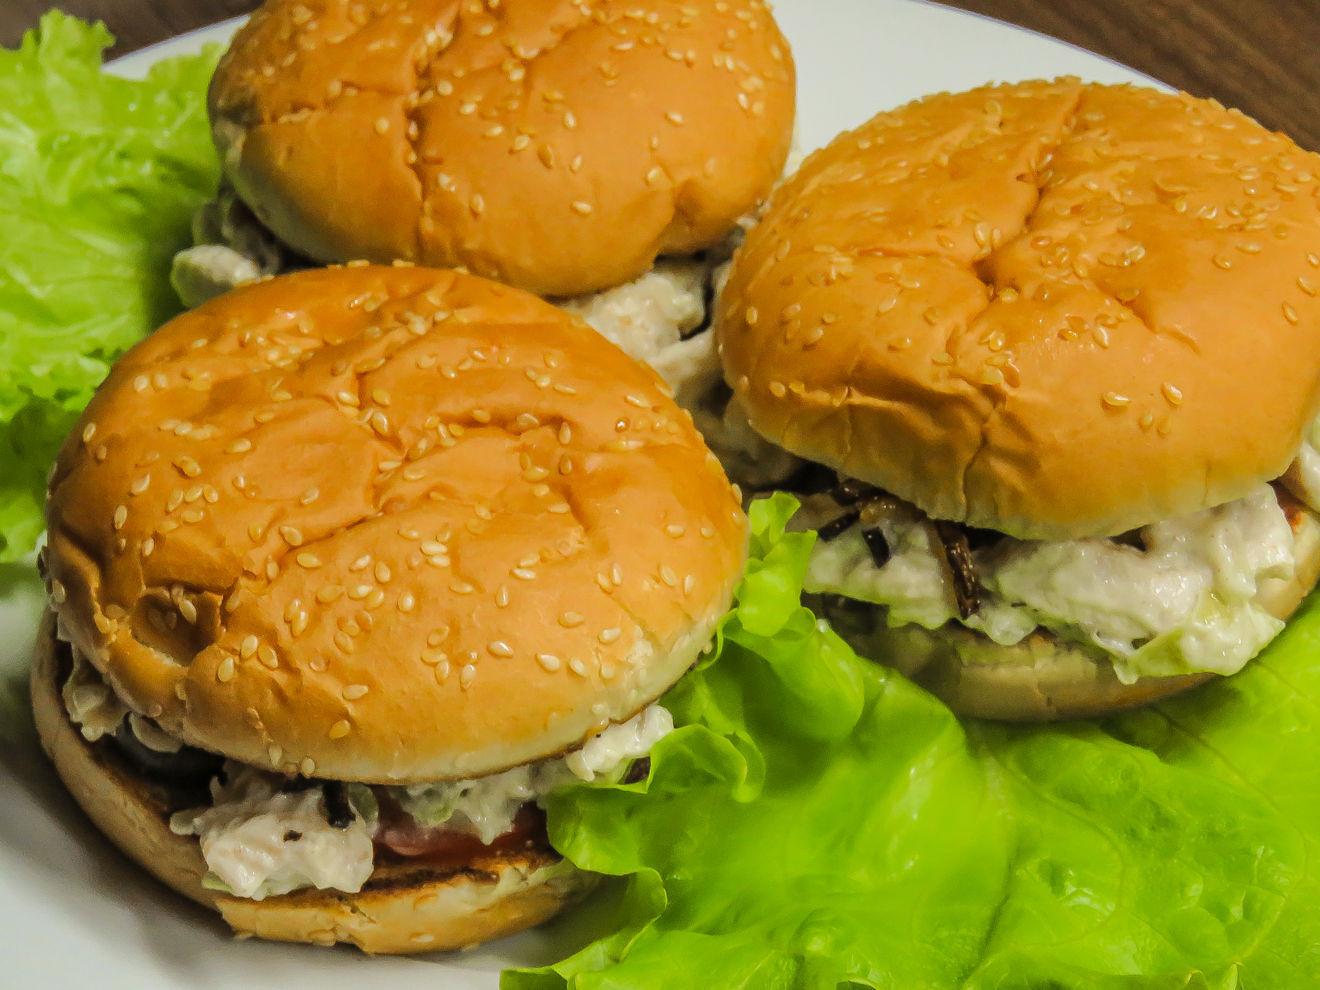 рецепты теста на чизбургеры с фото продолжаем